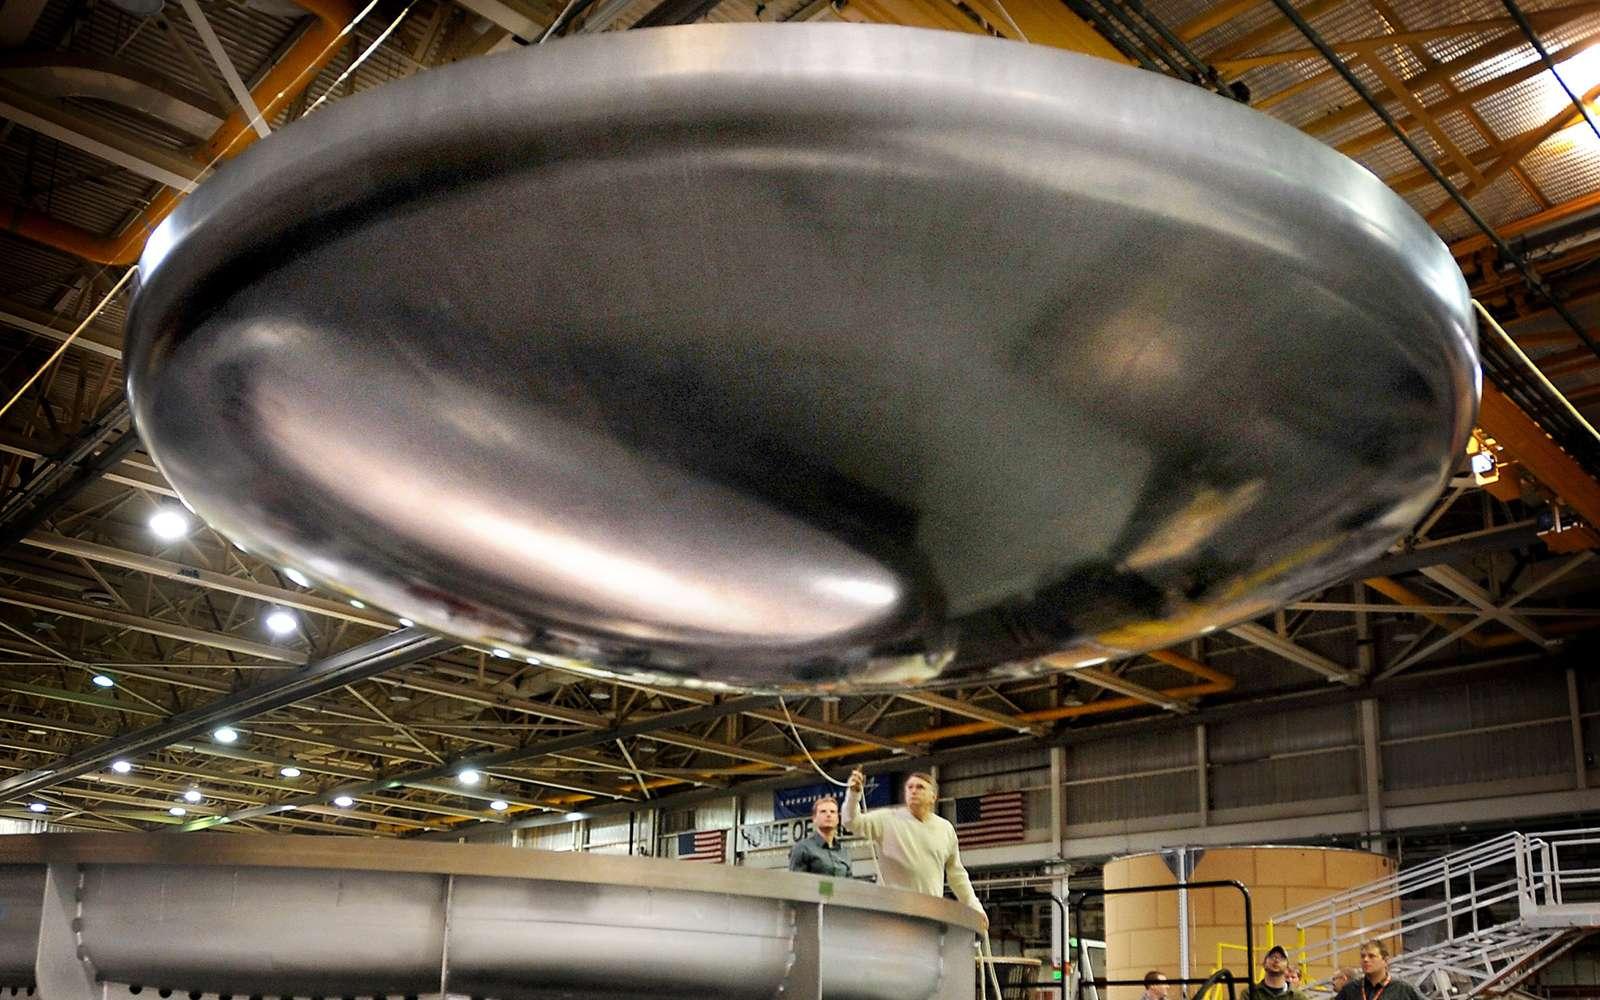 Le bouclier thermique d'Orion sorti de son moule de l'usine de matériau composite de Lockheed Martin, à Denver. Crédit Lockheed Martin